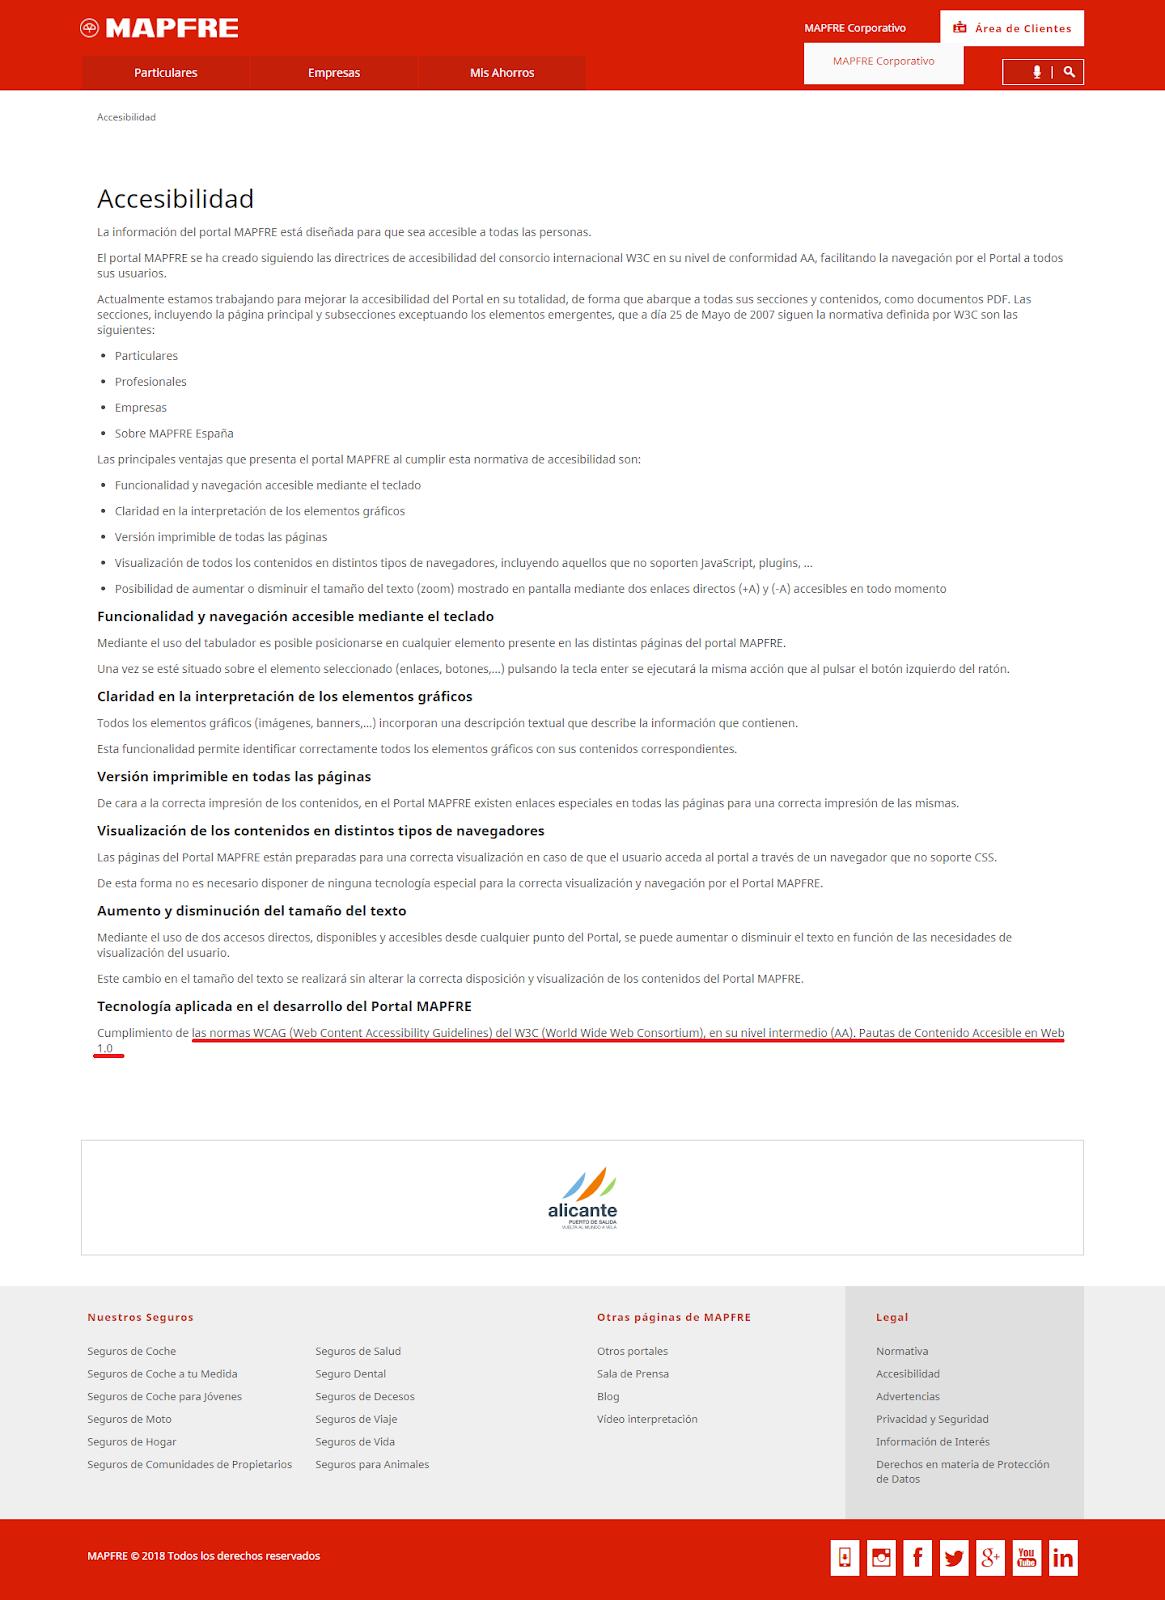 Pagina referente a la accesibilidad en la web de Mapfre